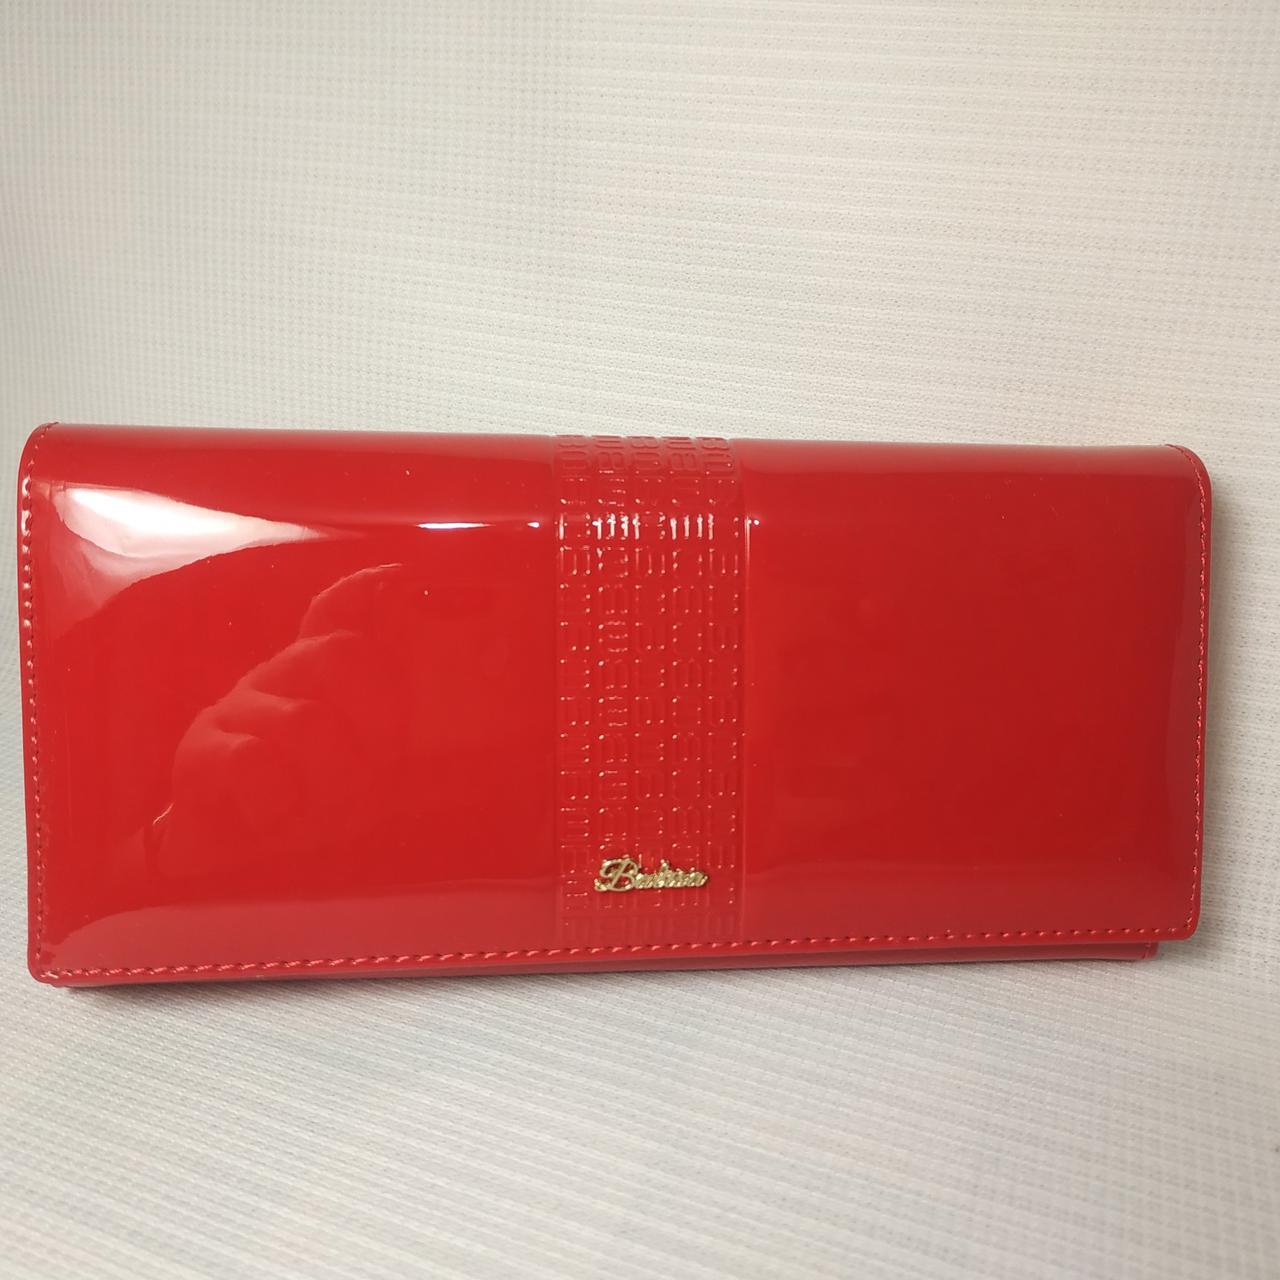 Класичний жіночий гаманець / Классический женский кошелек C88200-139